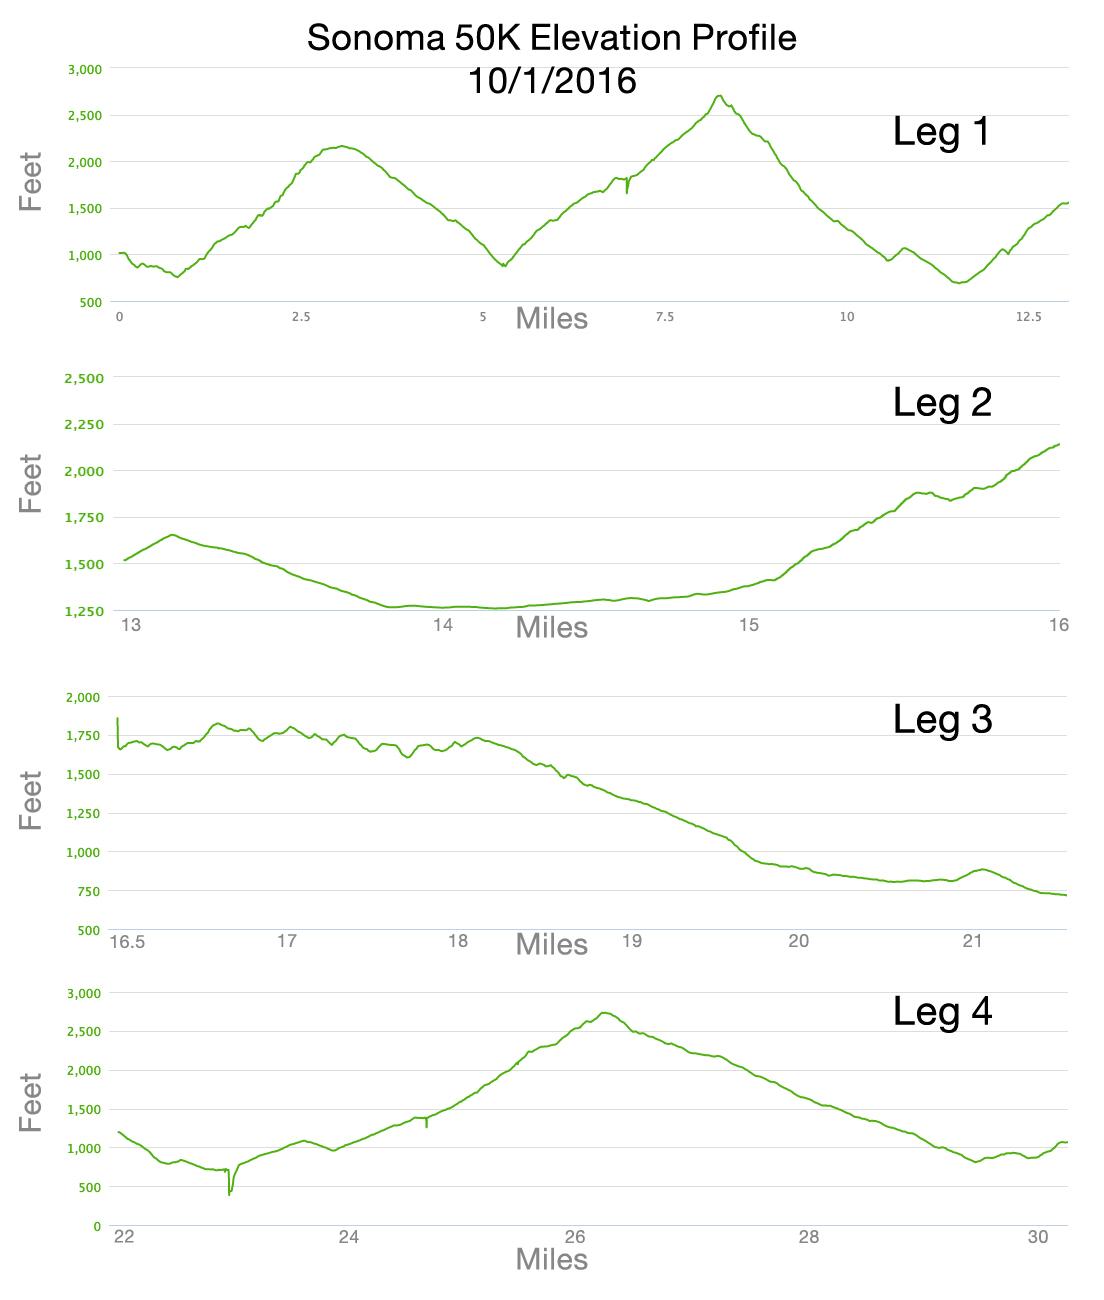 Sonoma 50K Course Elevation Profile